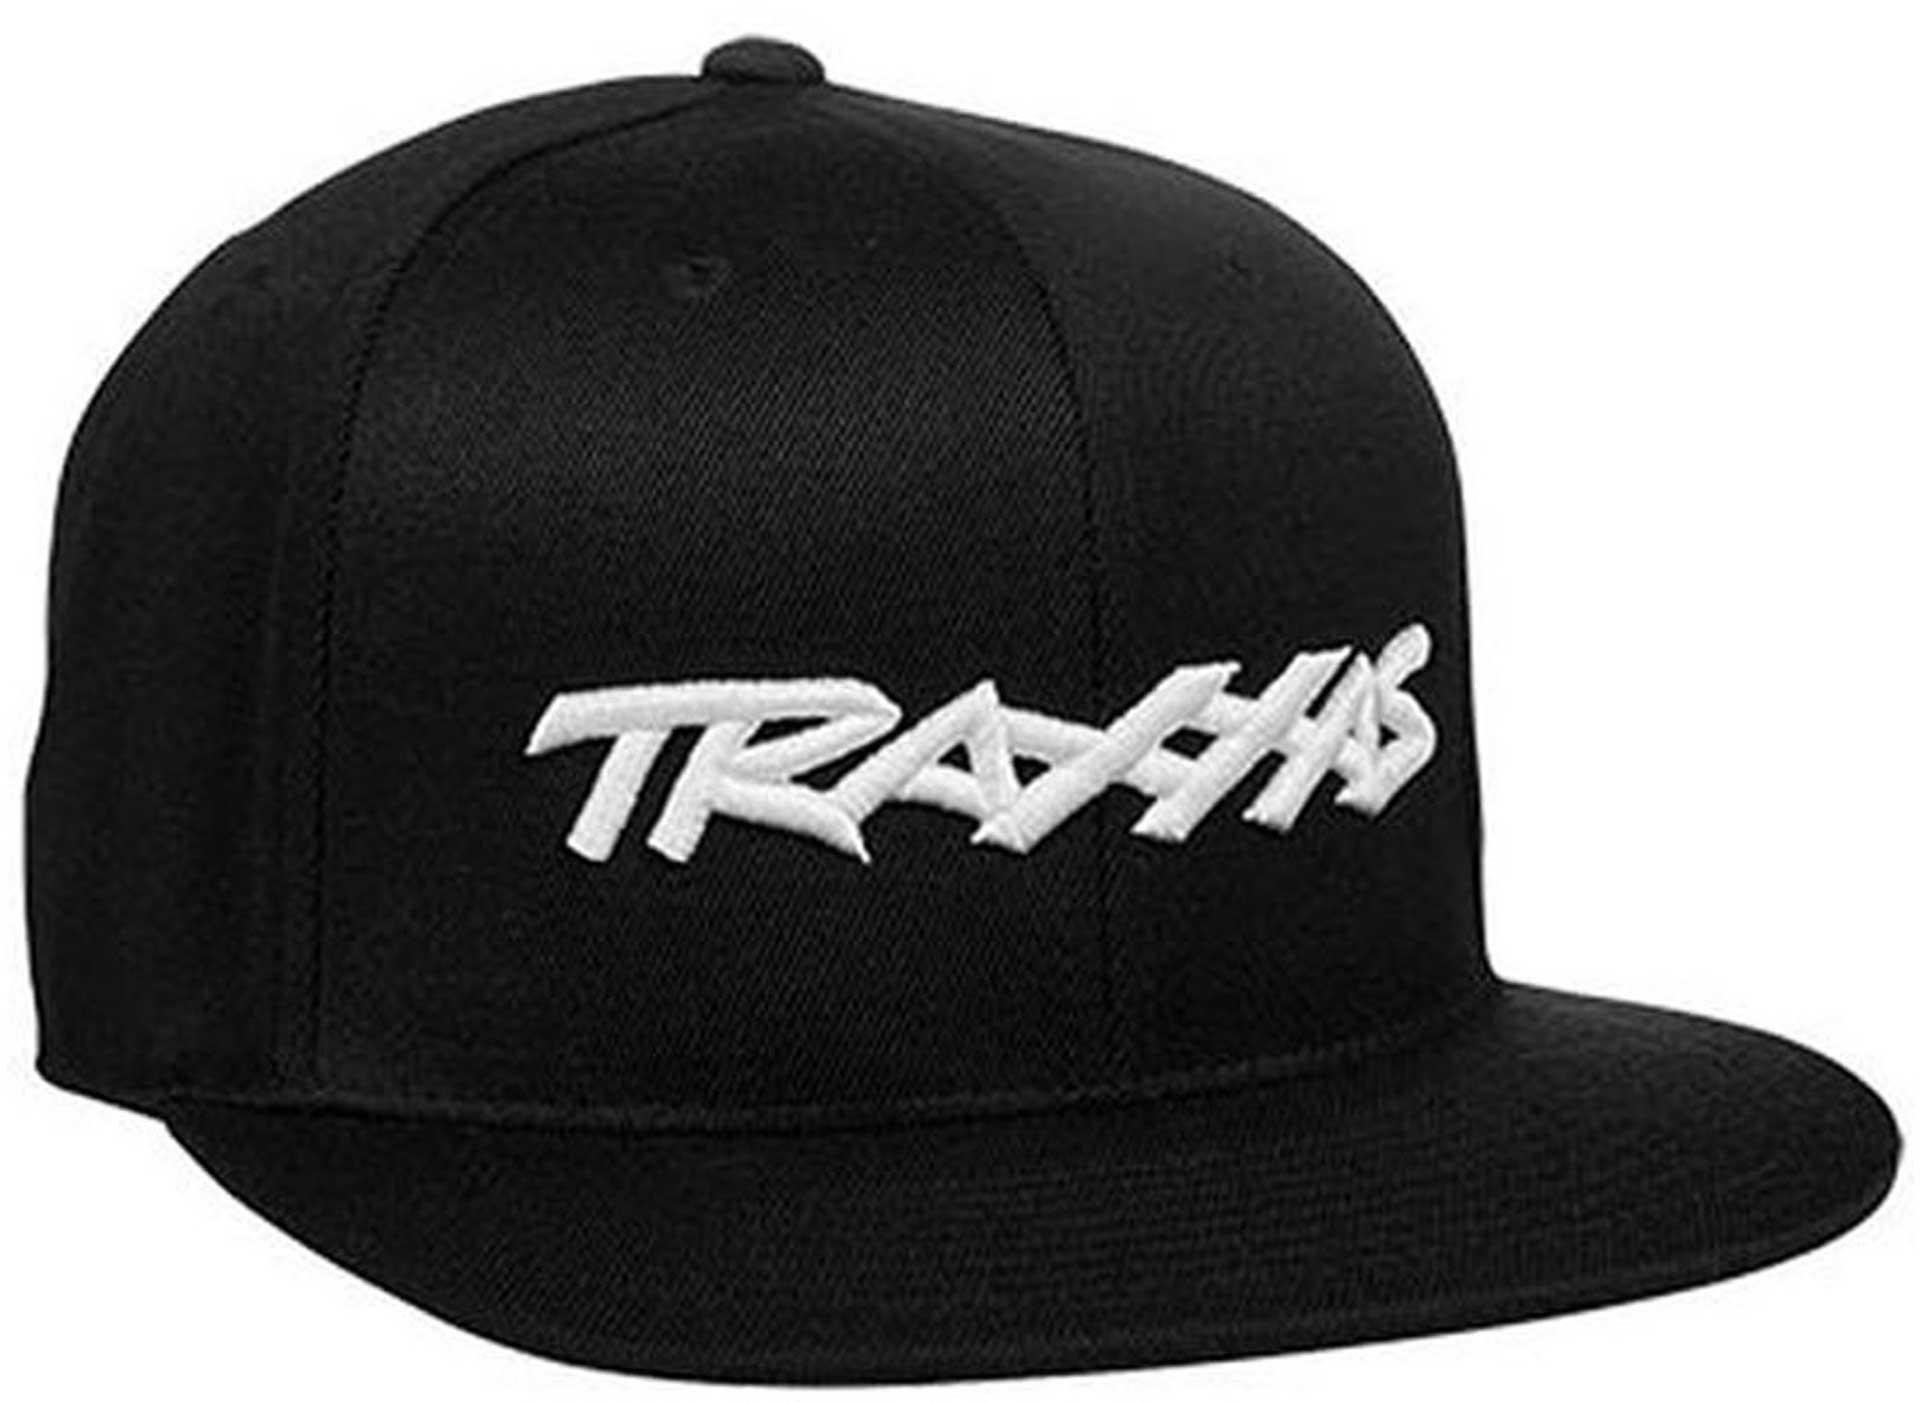 """Snap Kappe """"Traxxas"""" Logo Schwarz"""